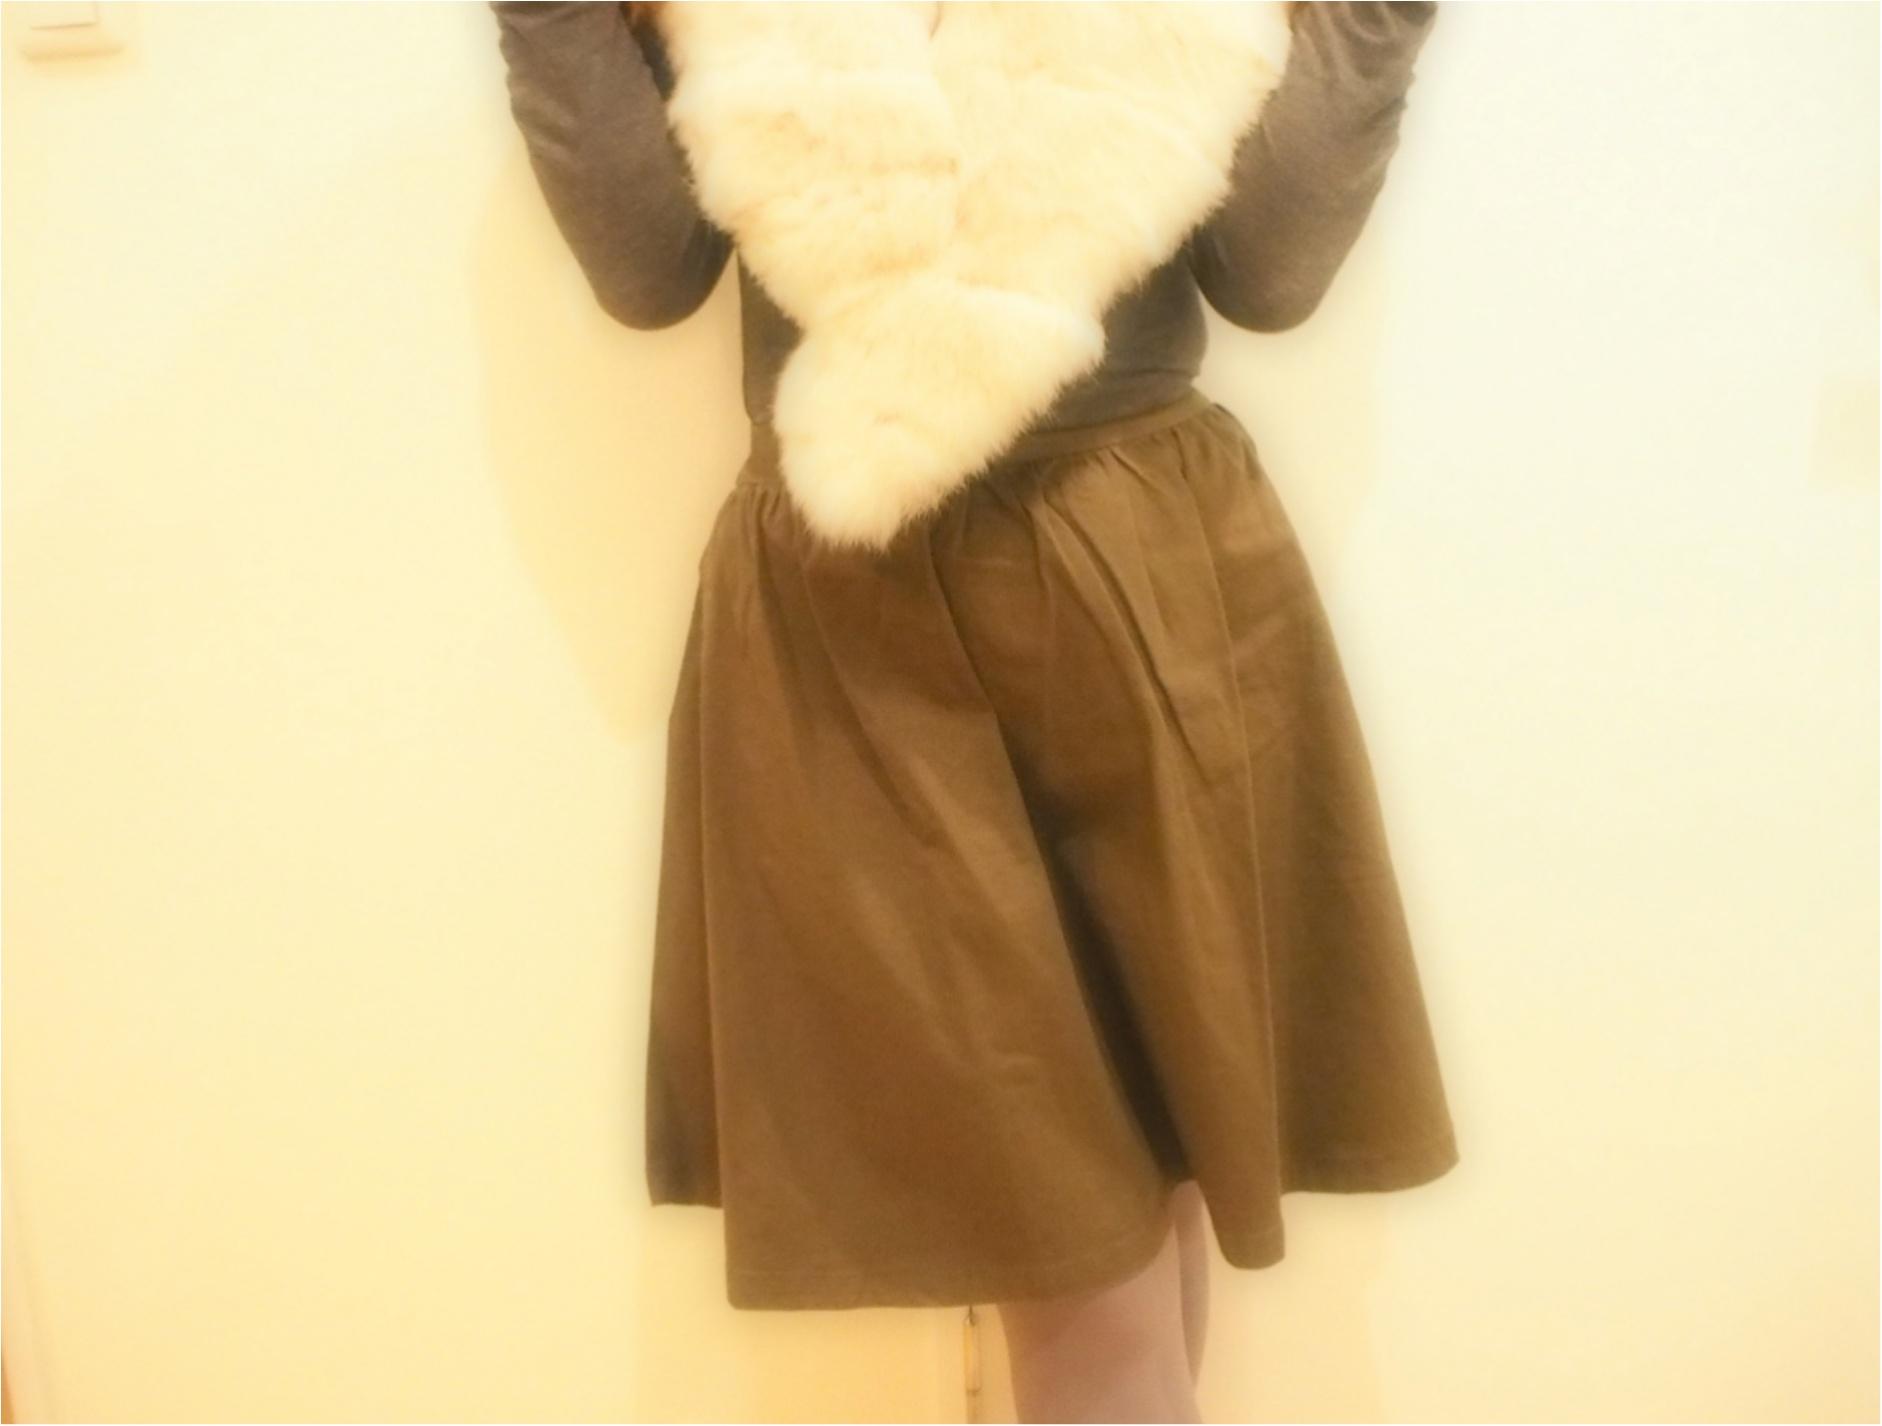 持っていると可愛い!やっぱり冬は「ファー小物」で女性らしく、冬らしく‼ ~ファーアイテム3選~_4